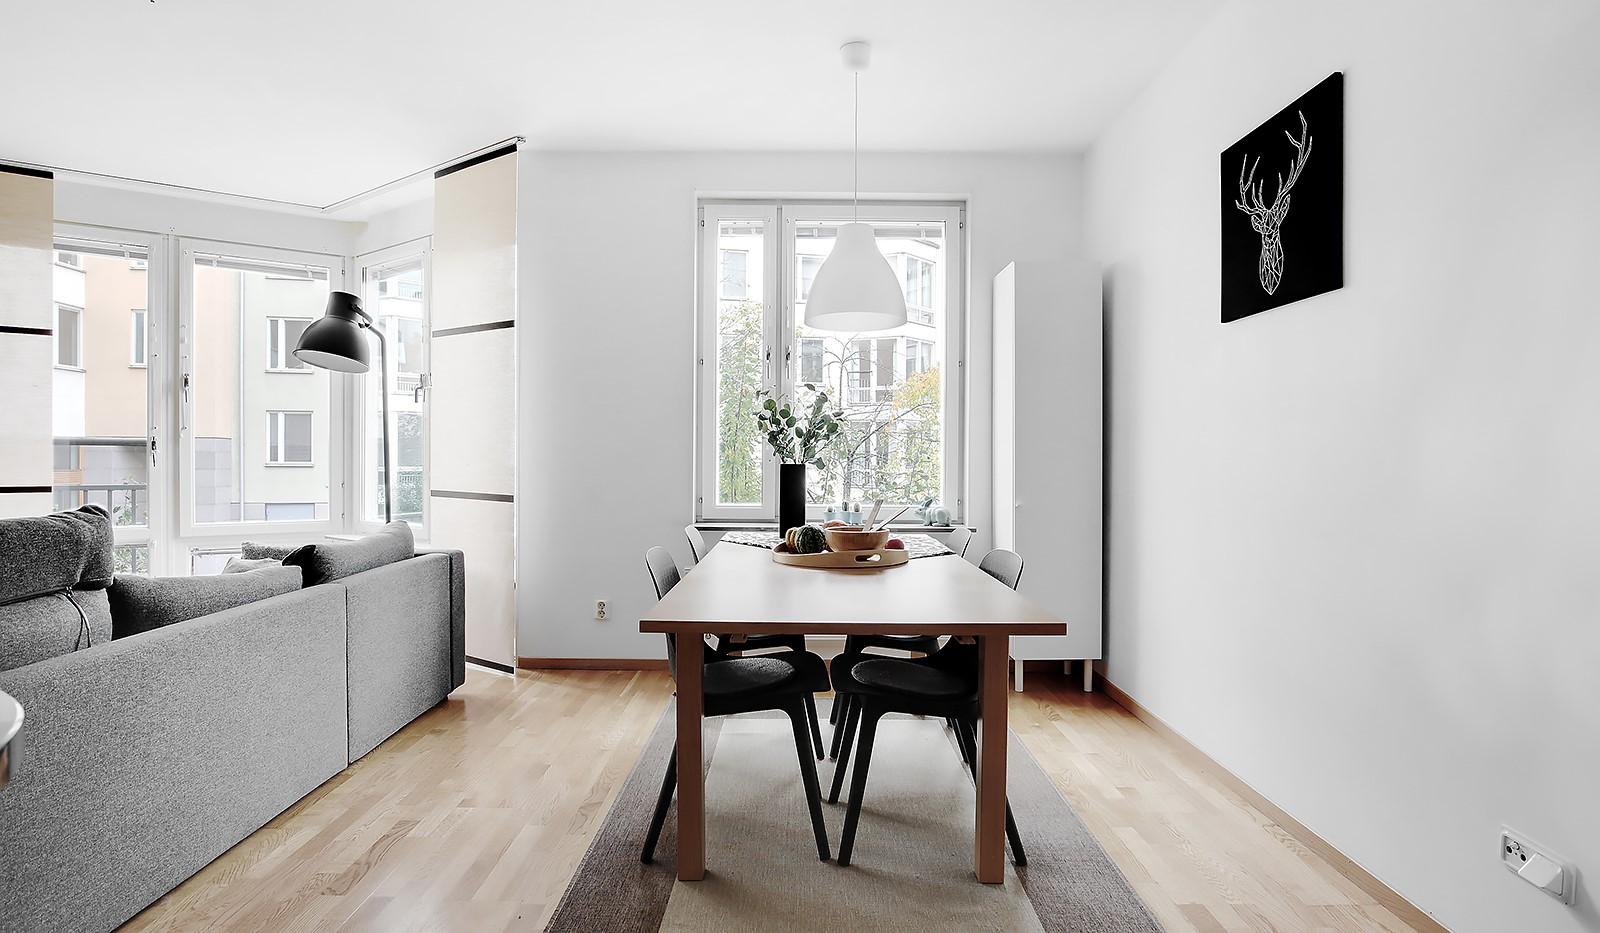 Korphoppsgatan 20 - Plats för större matplats framför fönster